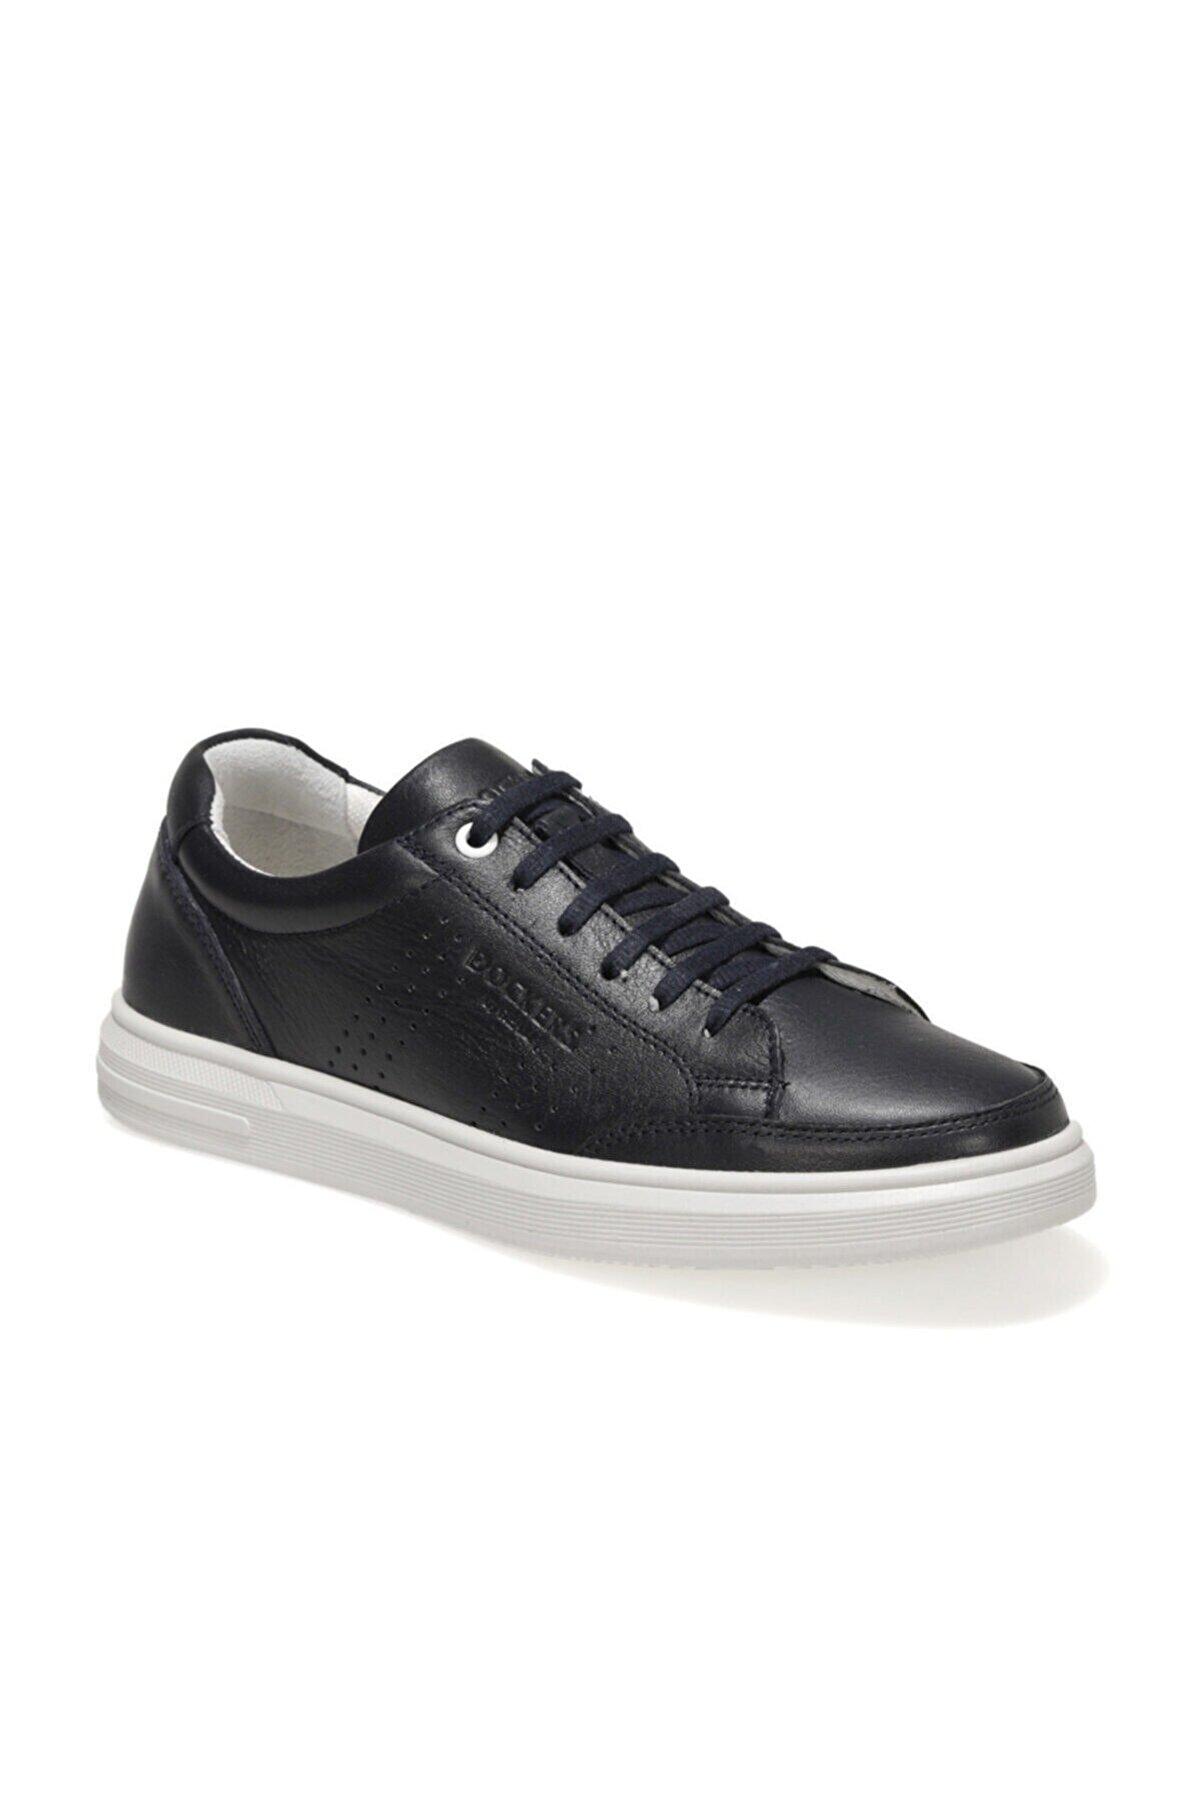 Dockers 230505 Lacivert Erkek Ayakkabı 100587518